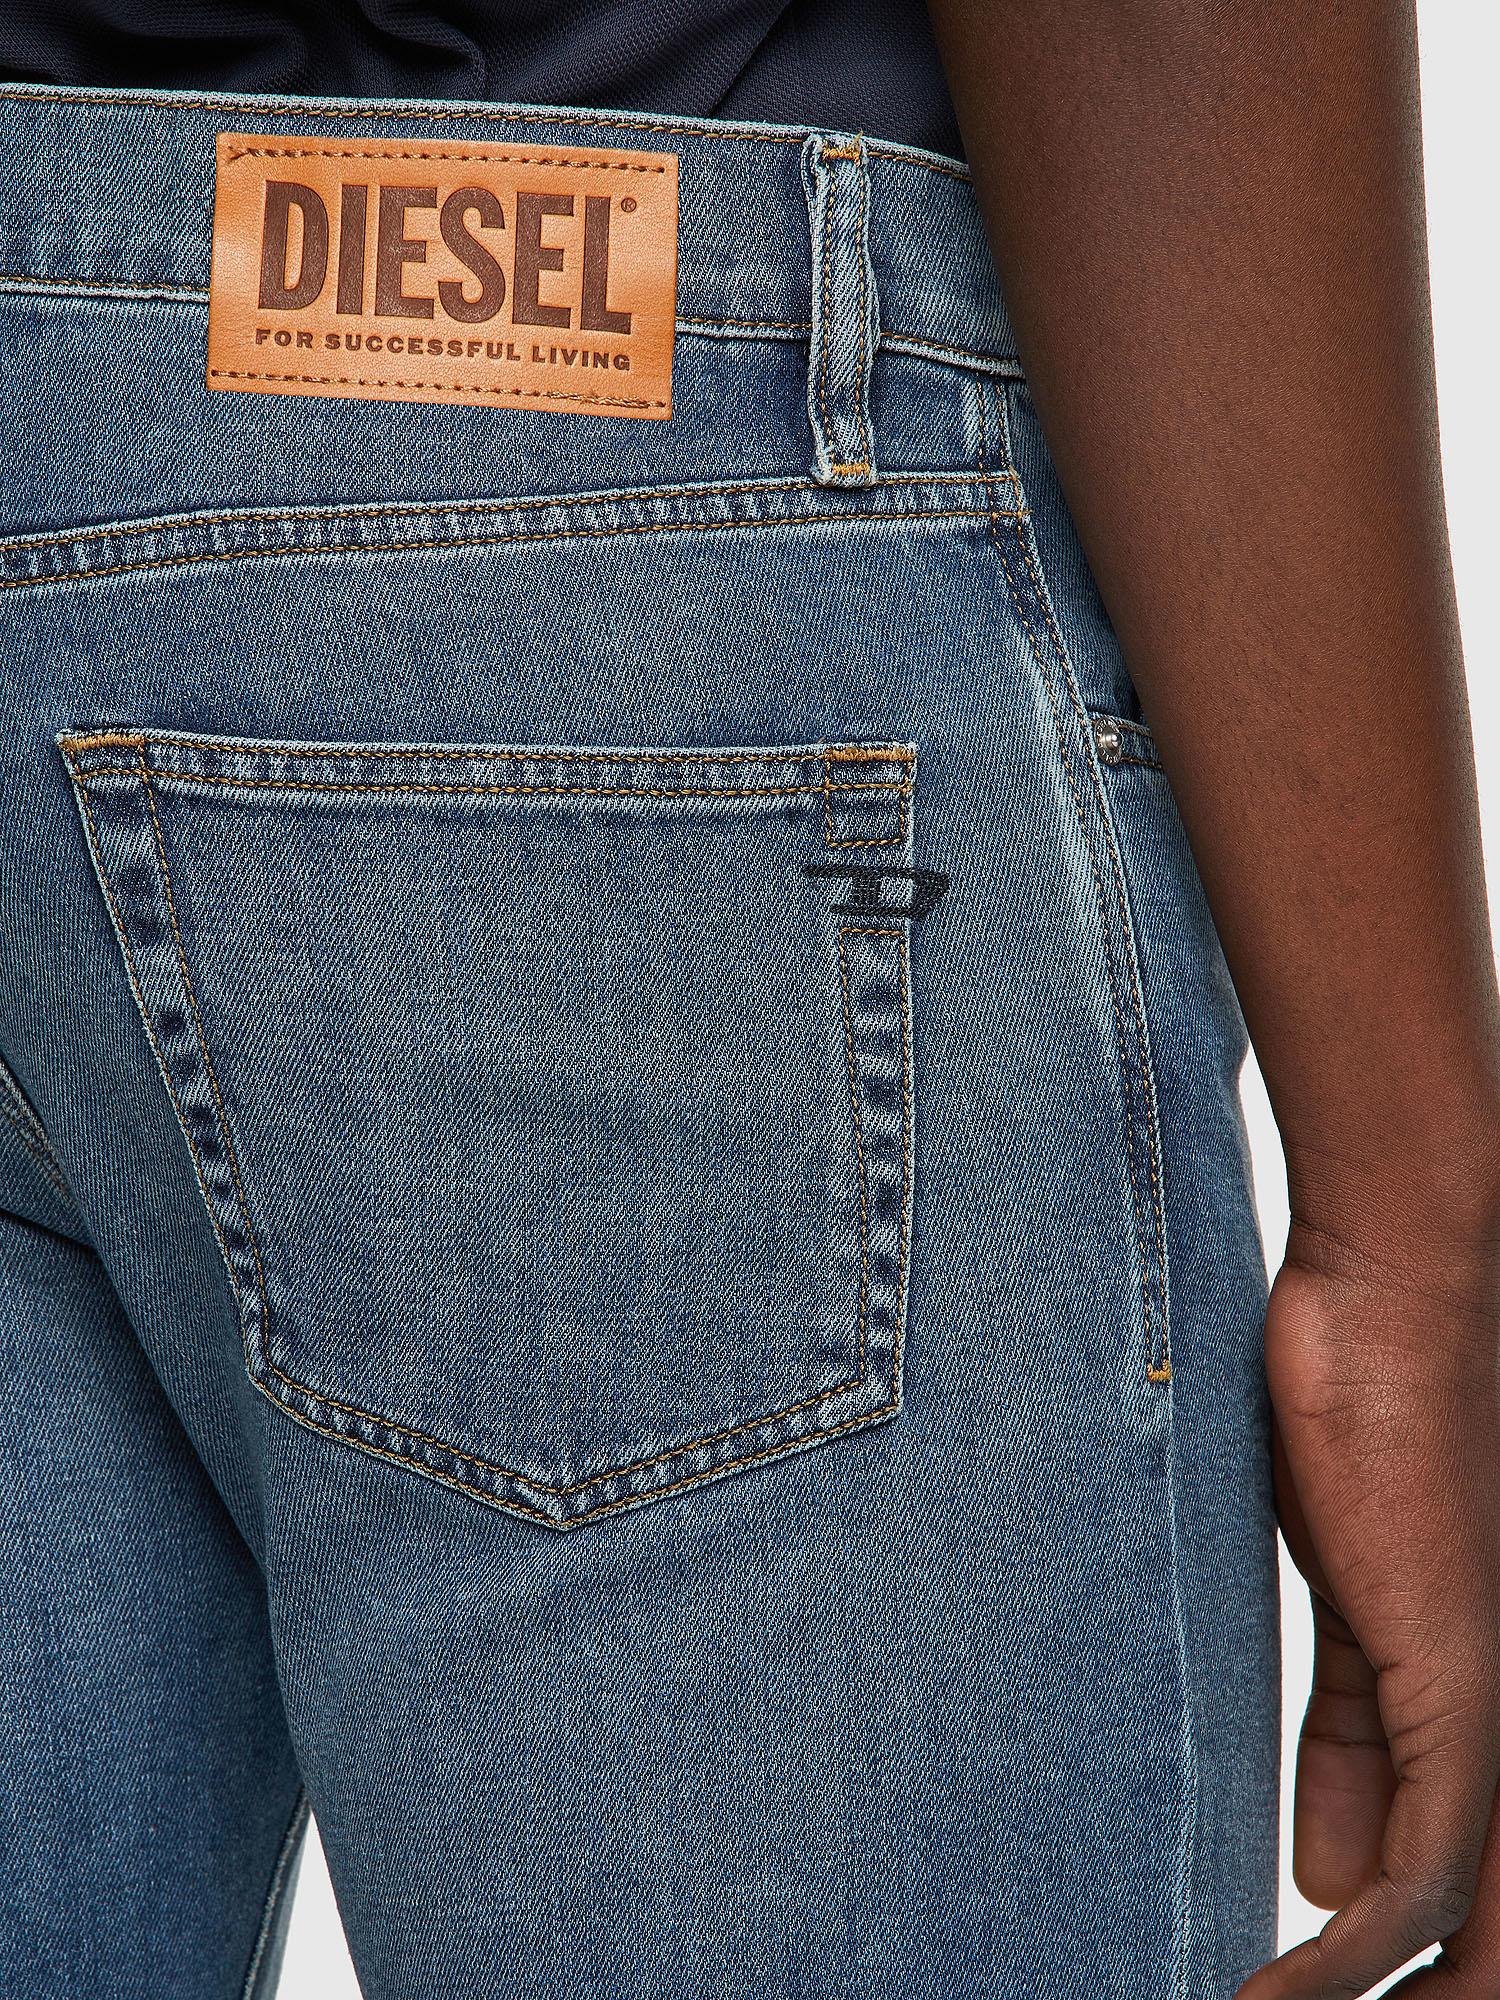 Diesel Broek Diesel 00SPW6-009EI-01